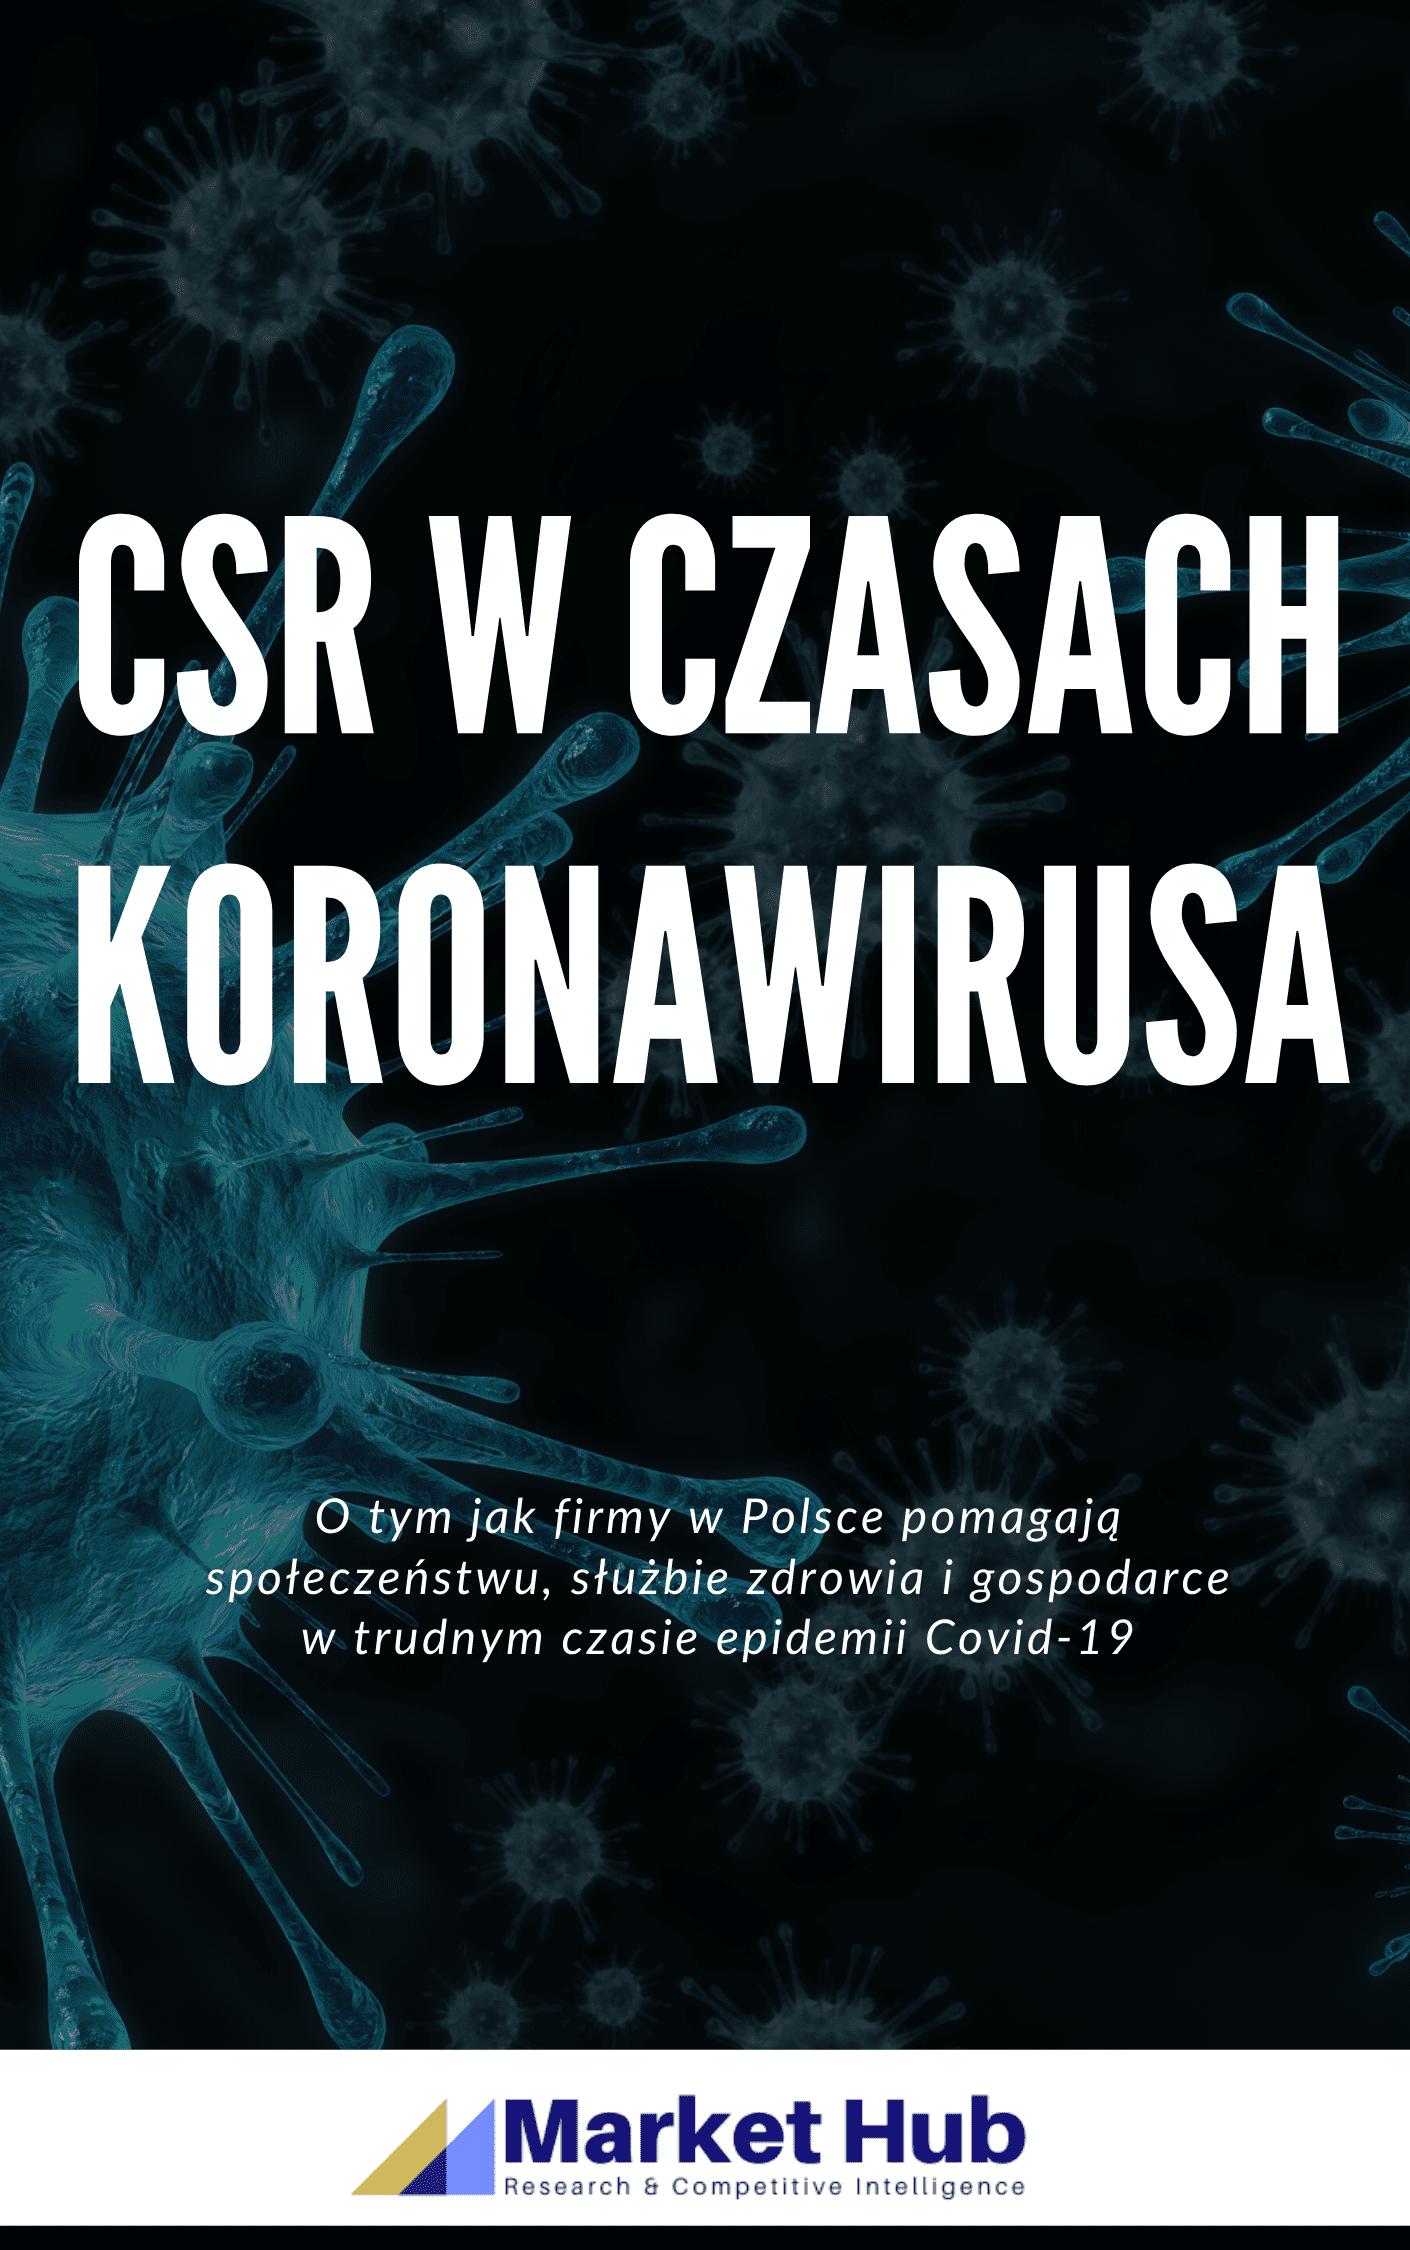 CSR w czasie pandemii koronawirusa